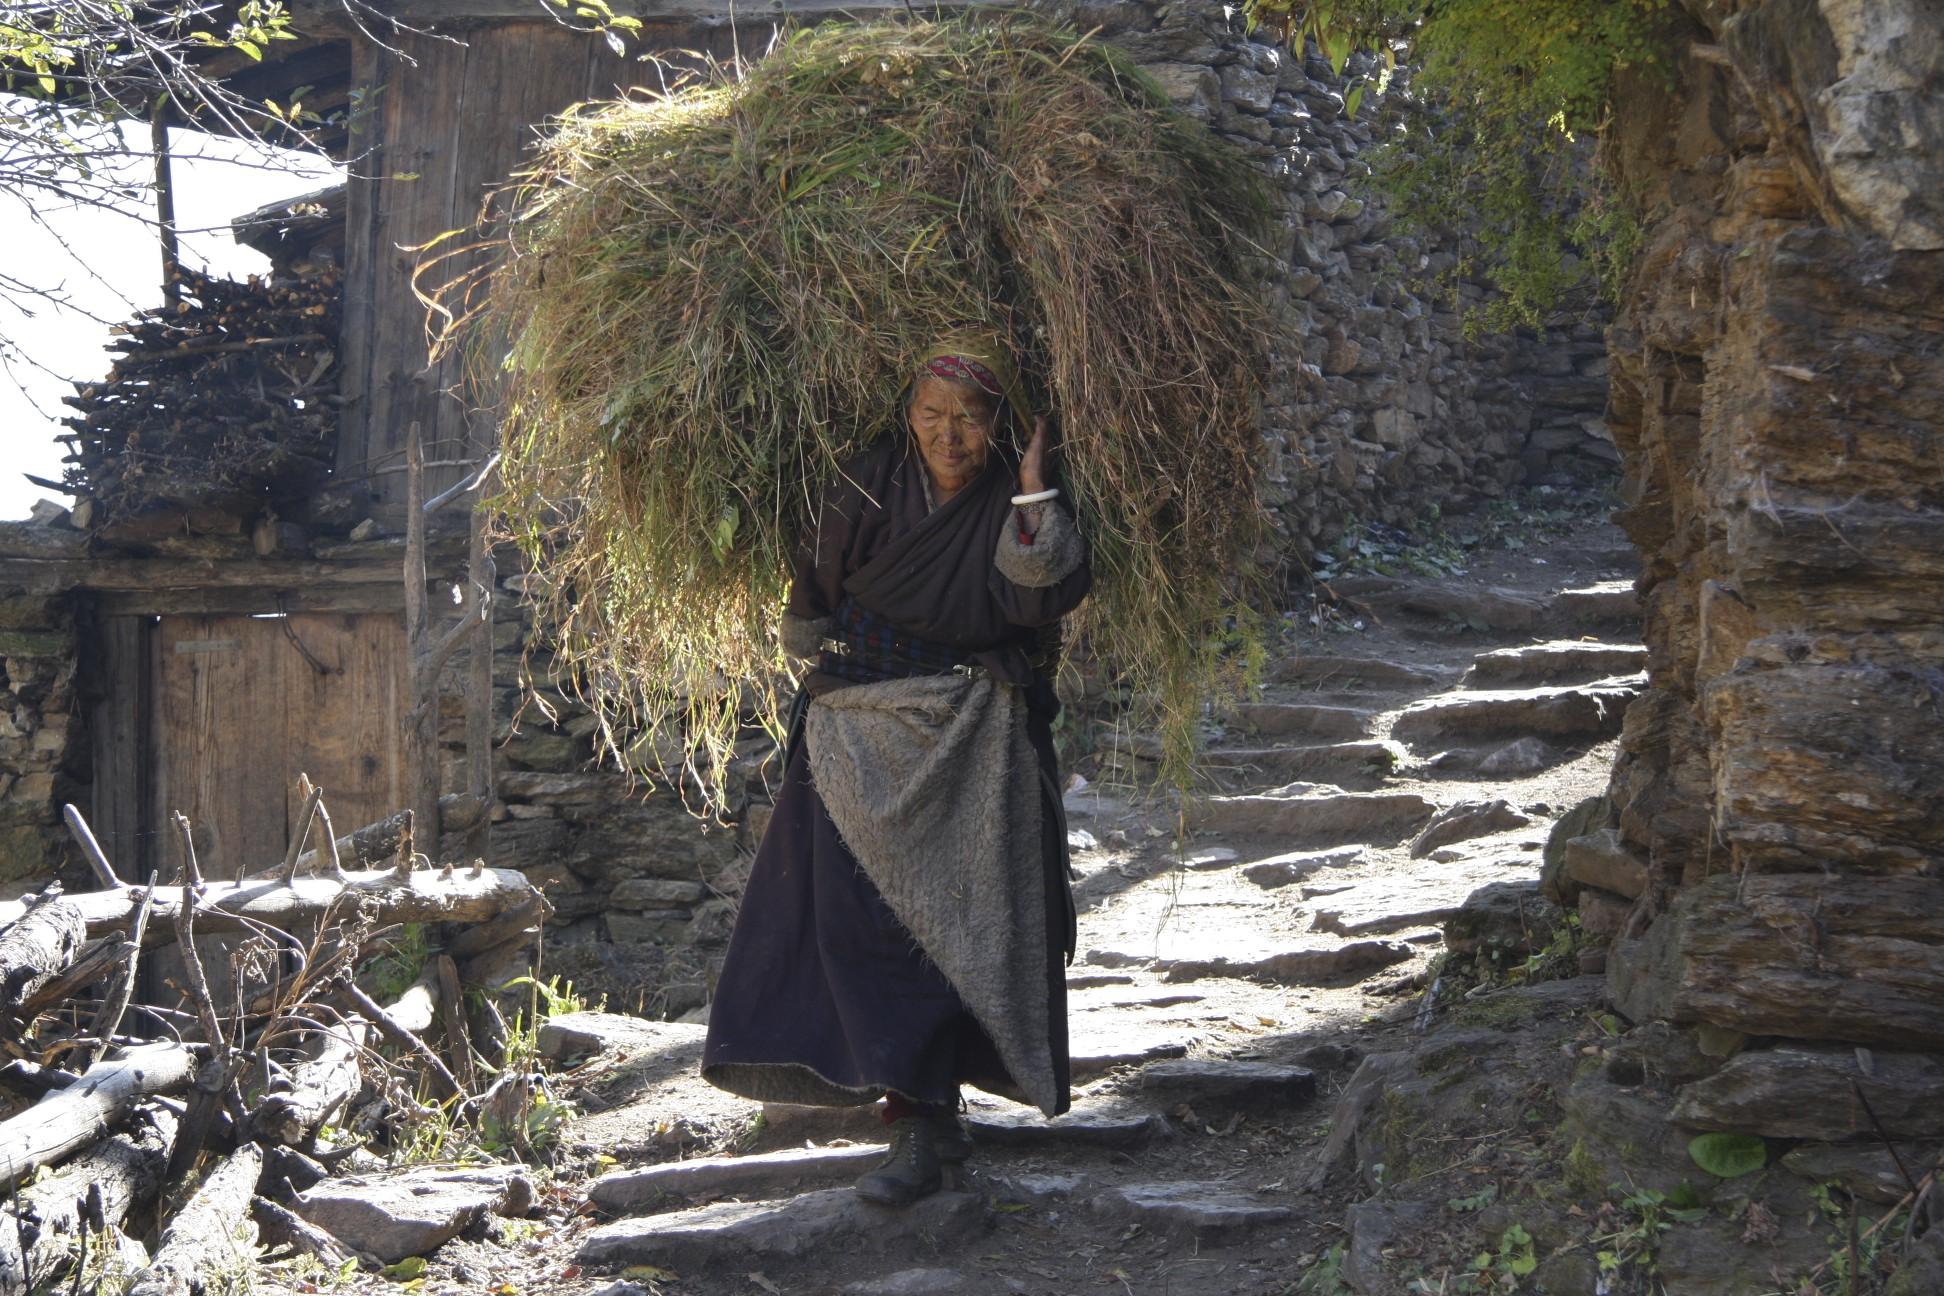 Namrung Village